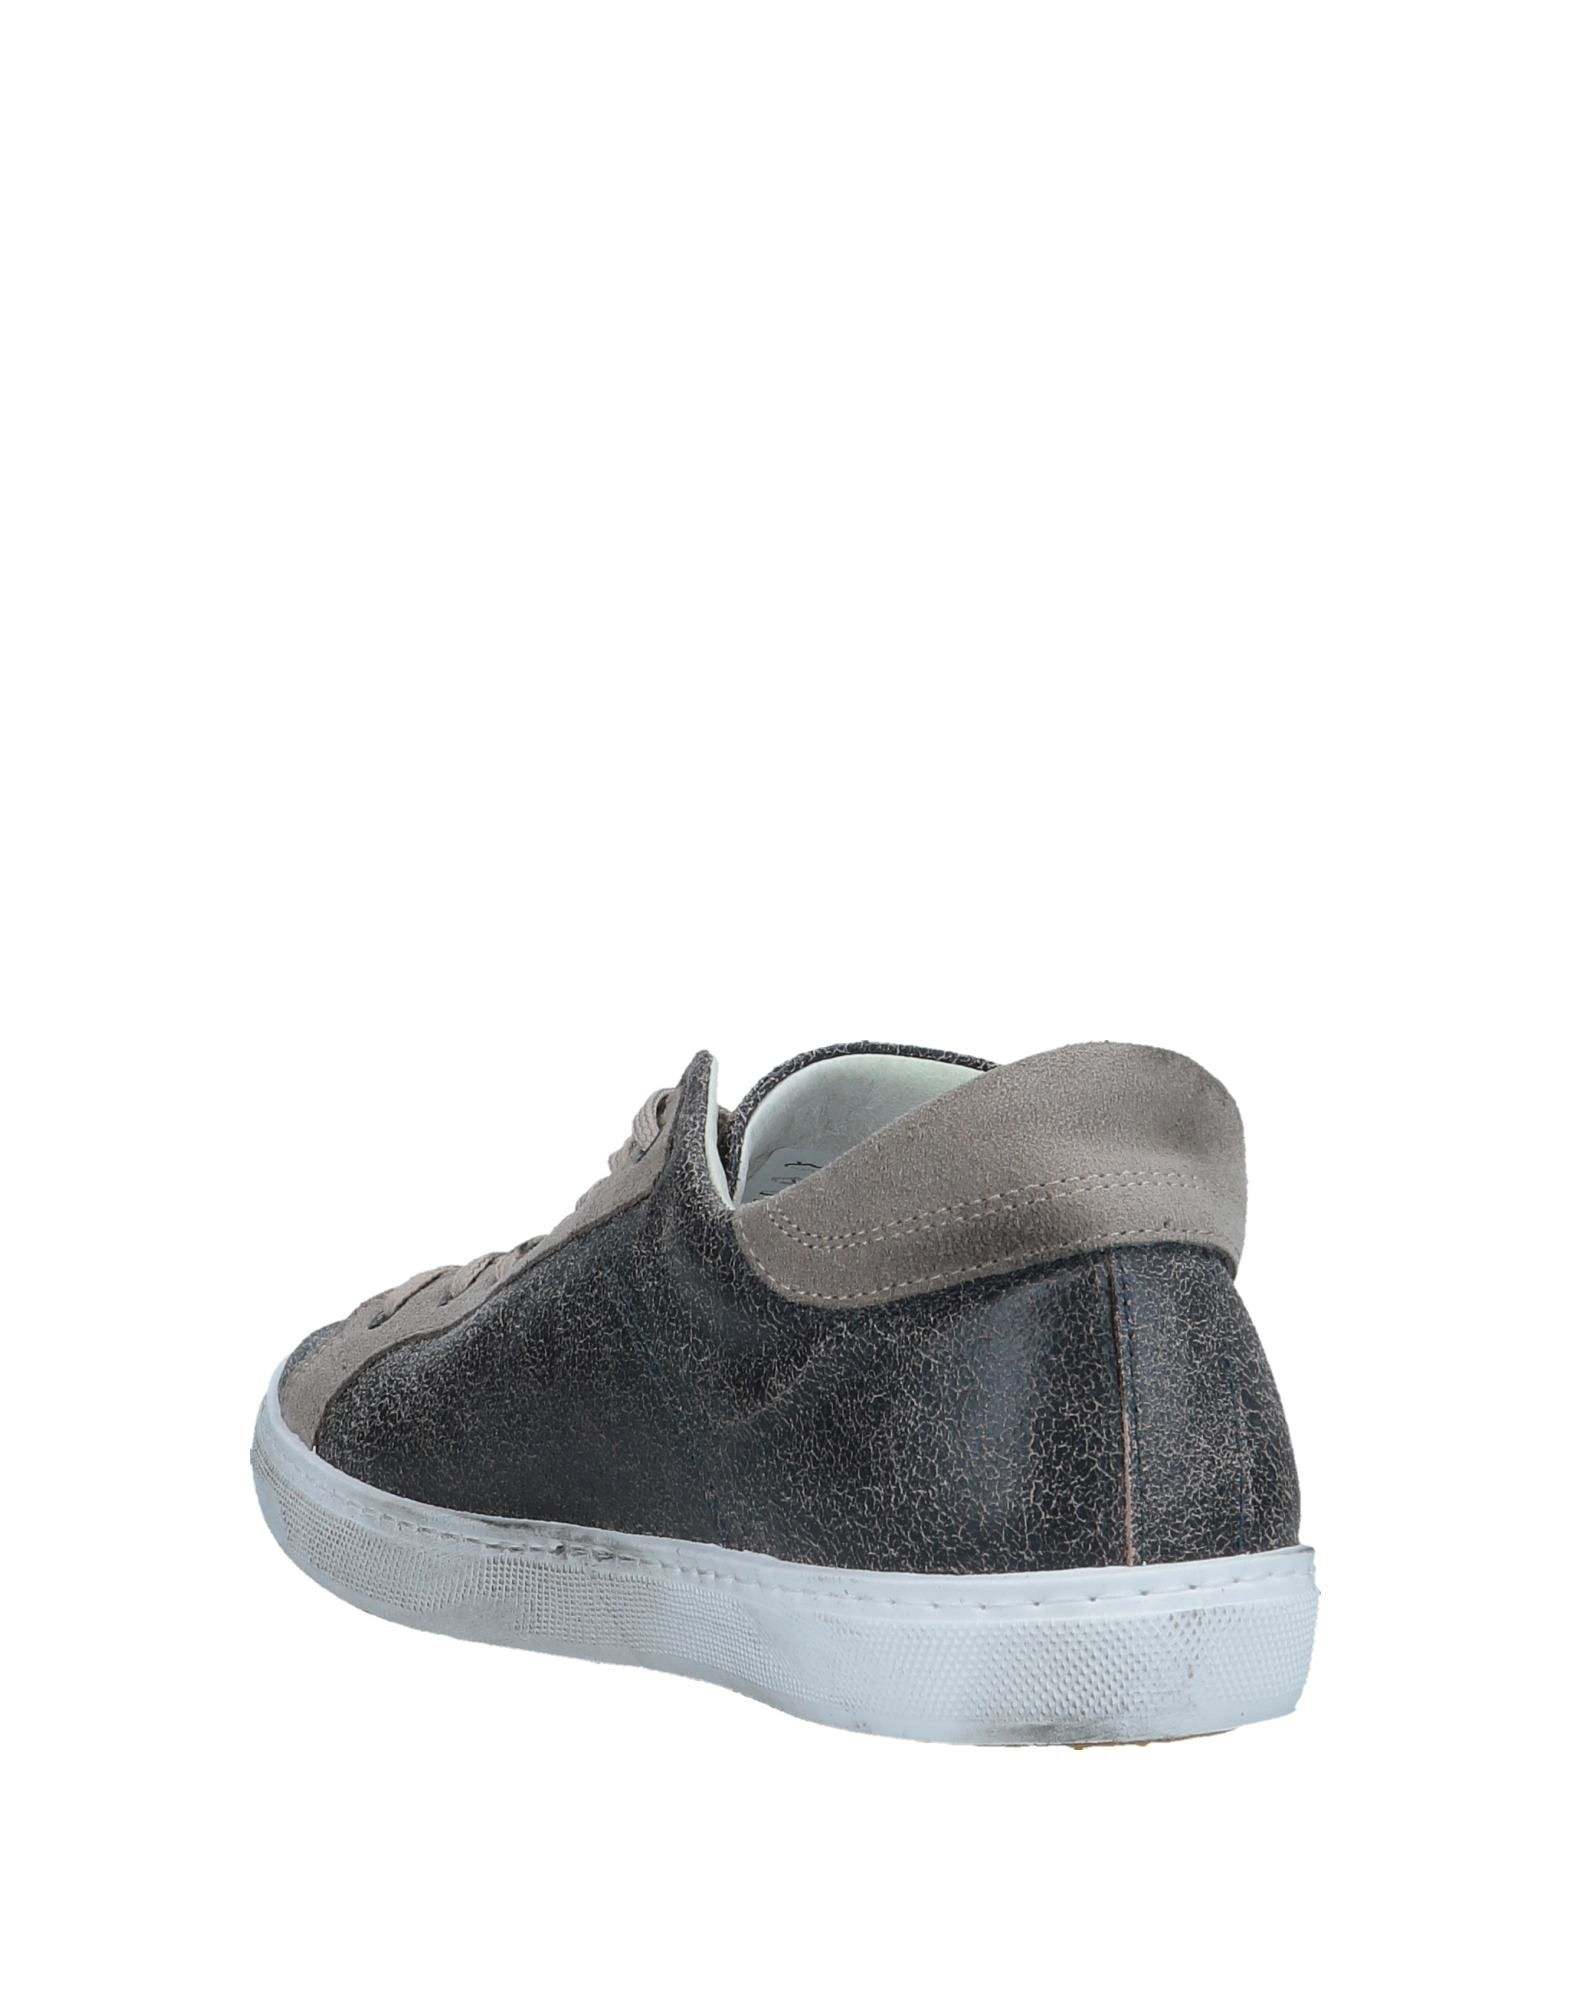 11561383HI 2Star Sneakers Herren  11561383HI  c29963